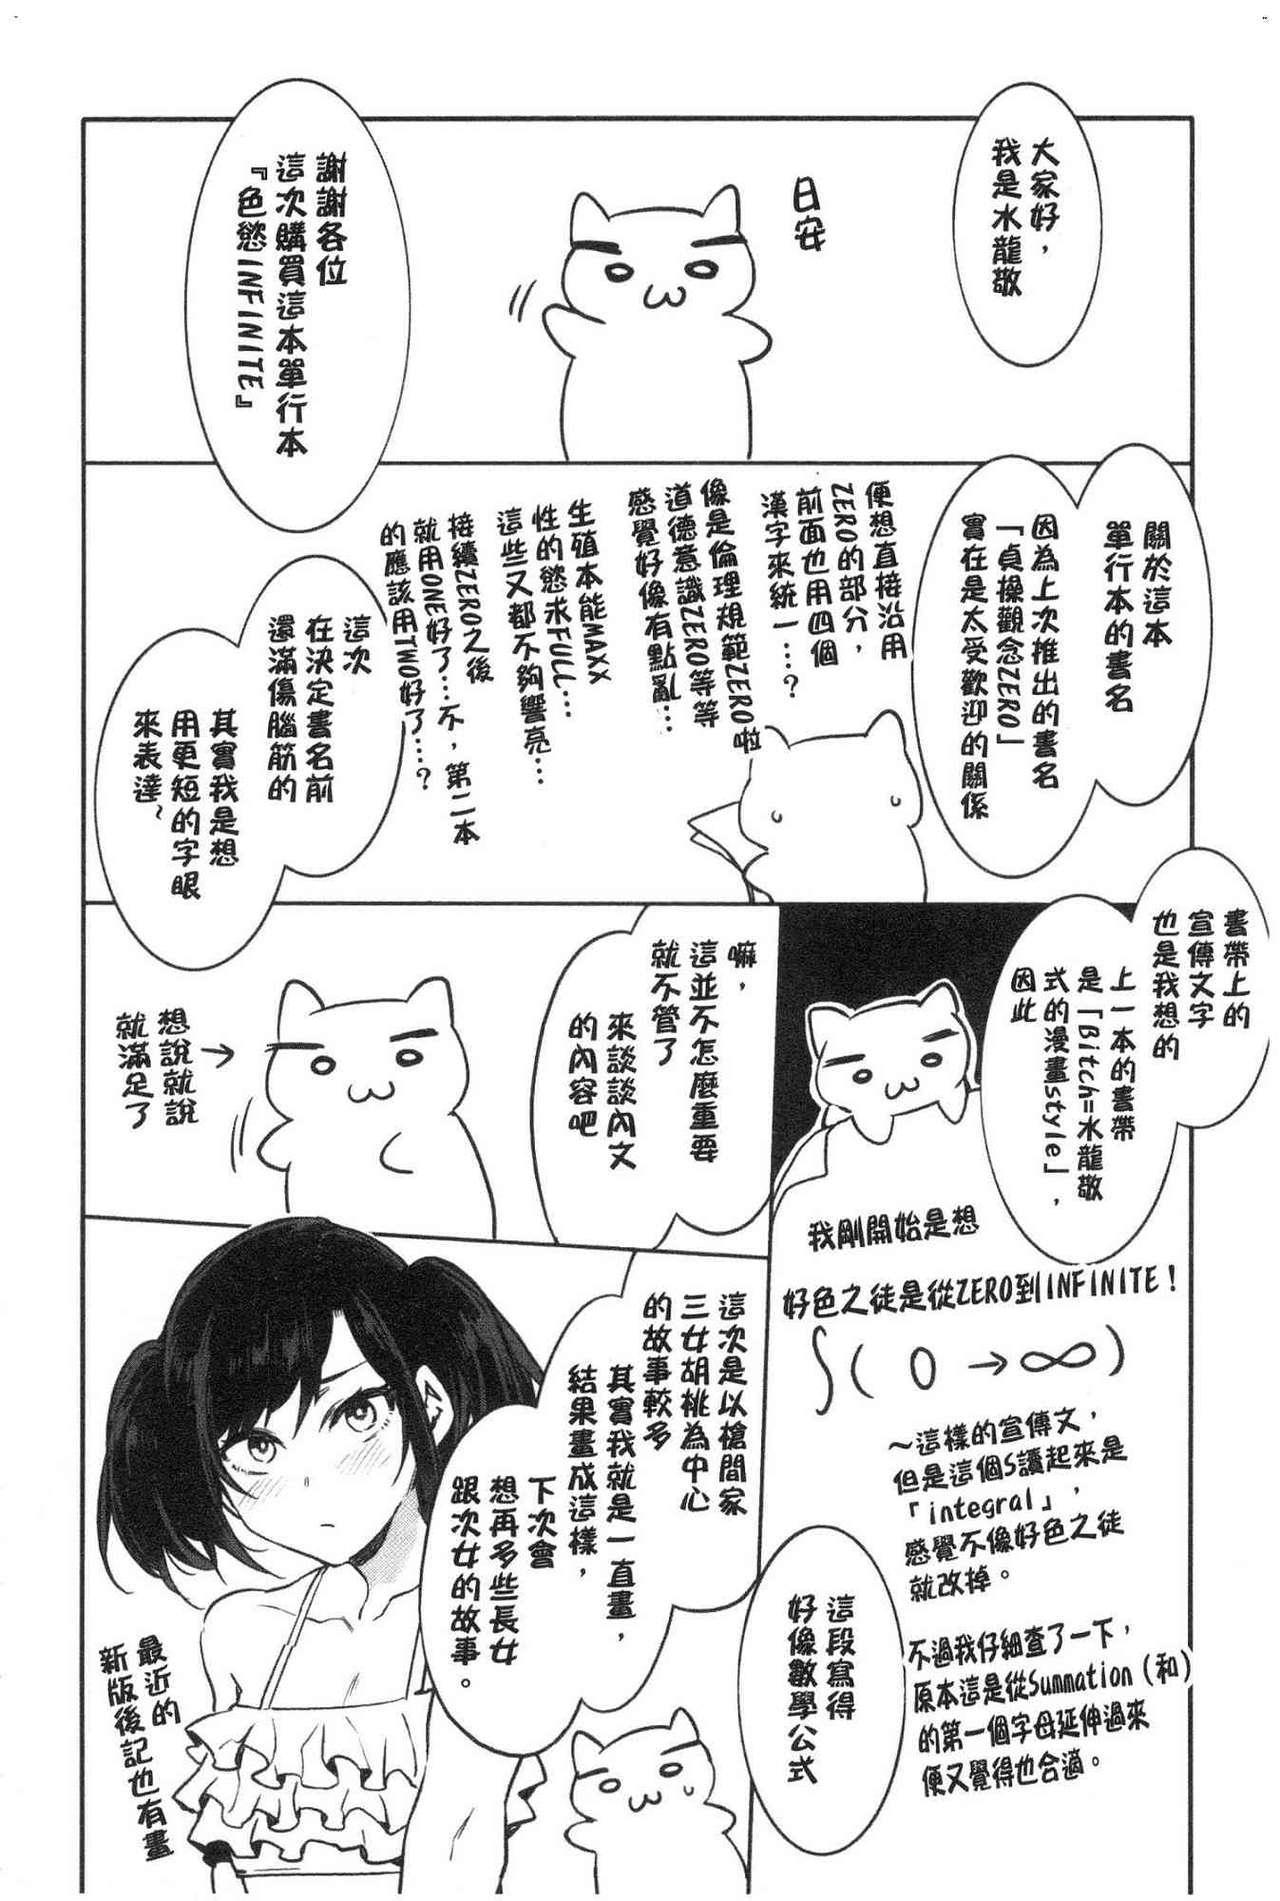 Shikiyoku INFINITE 214